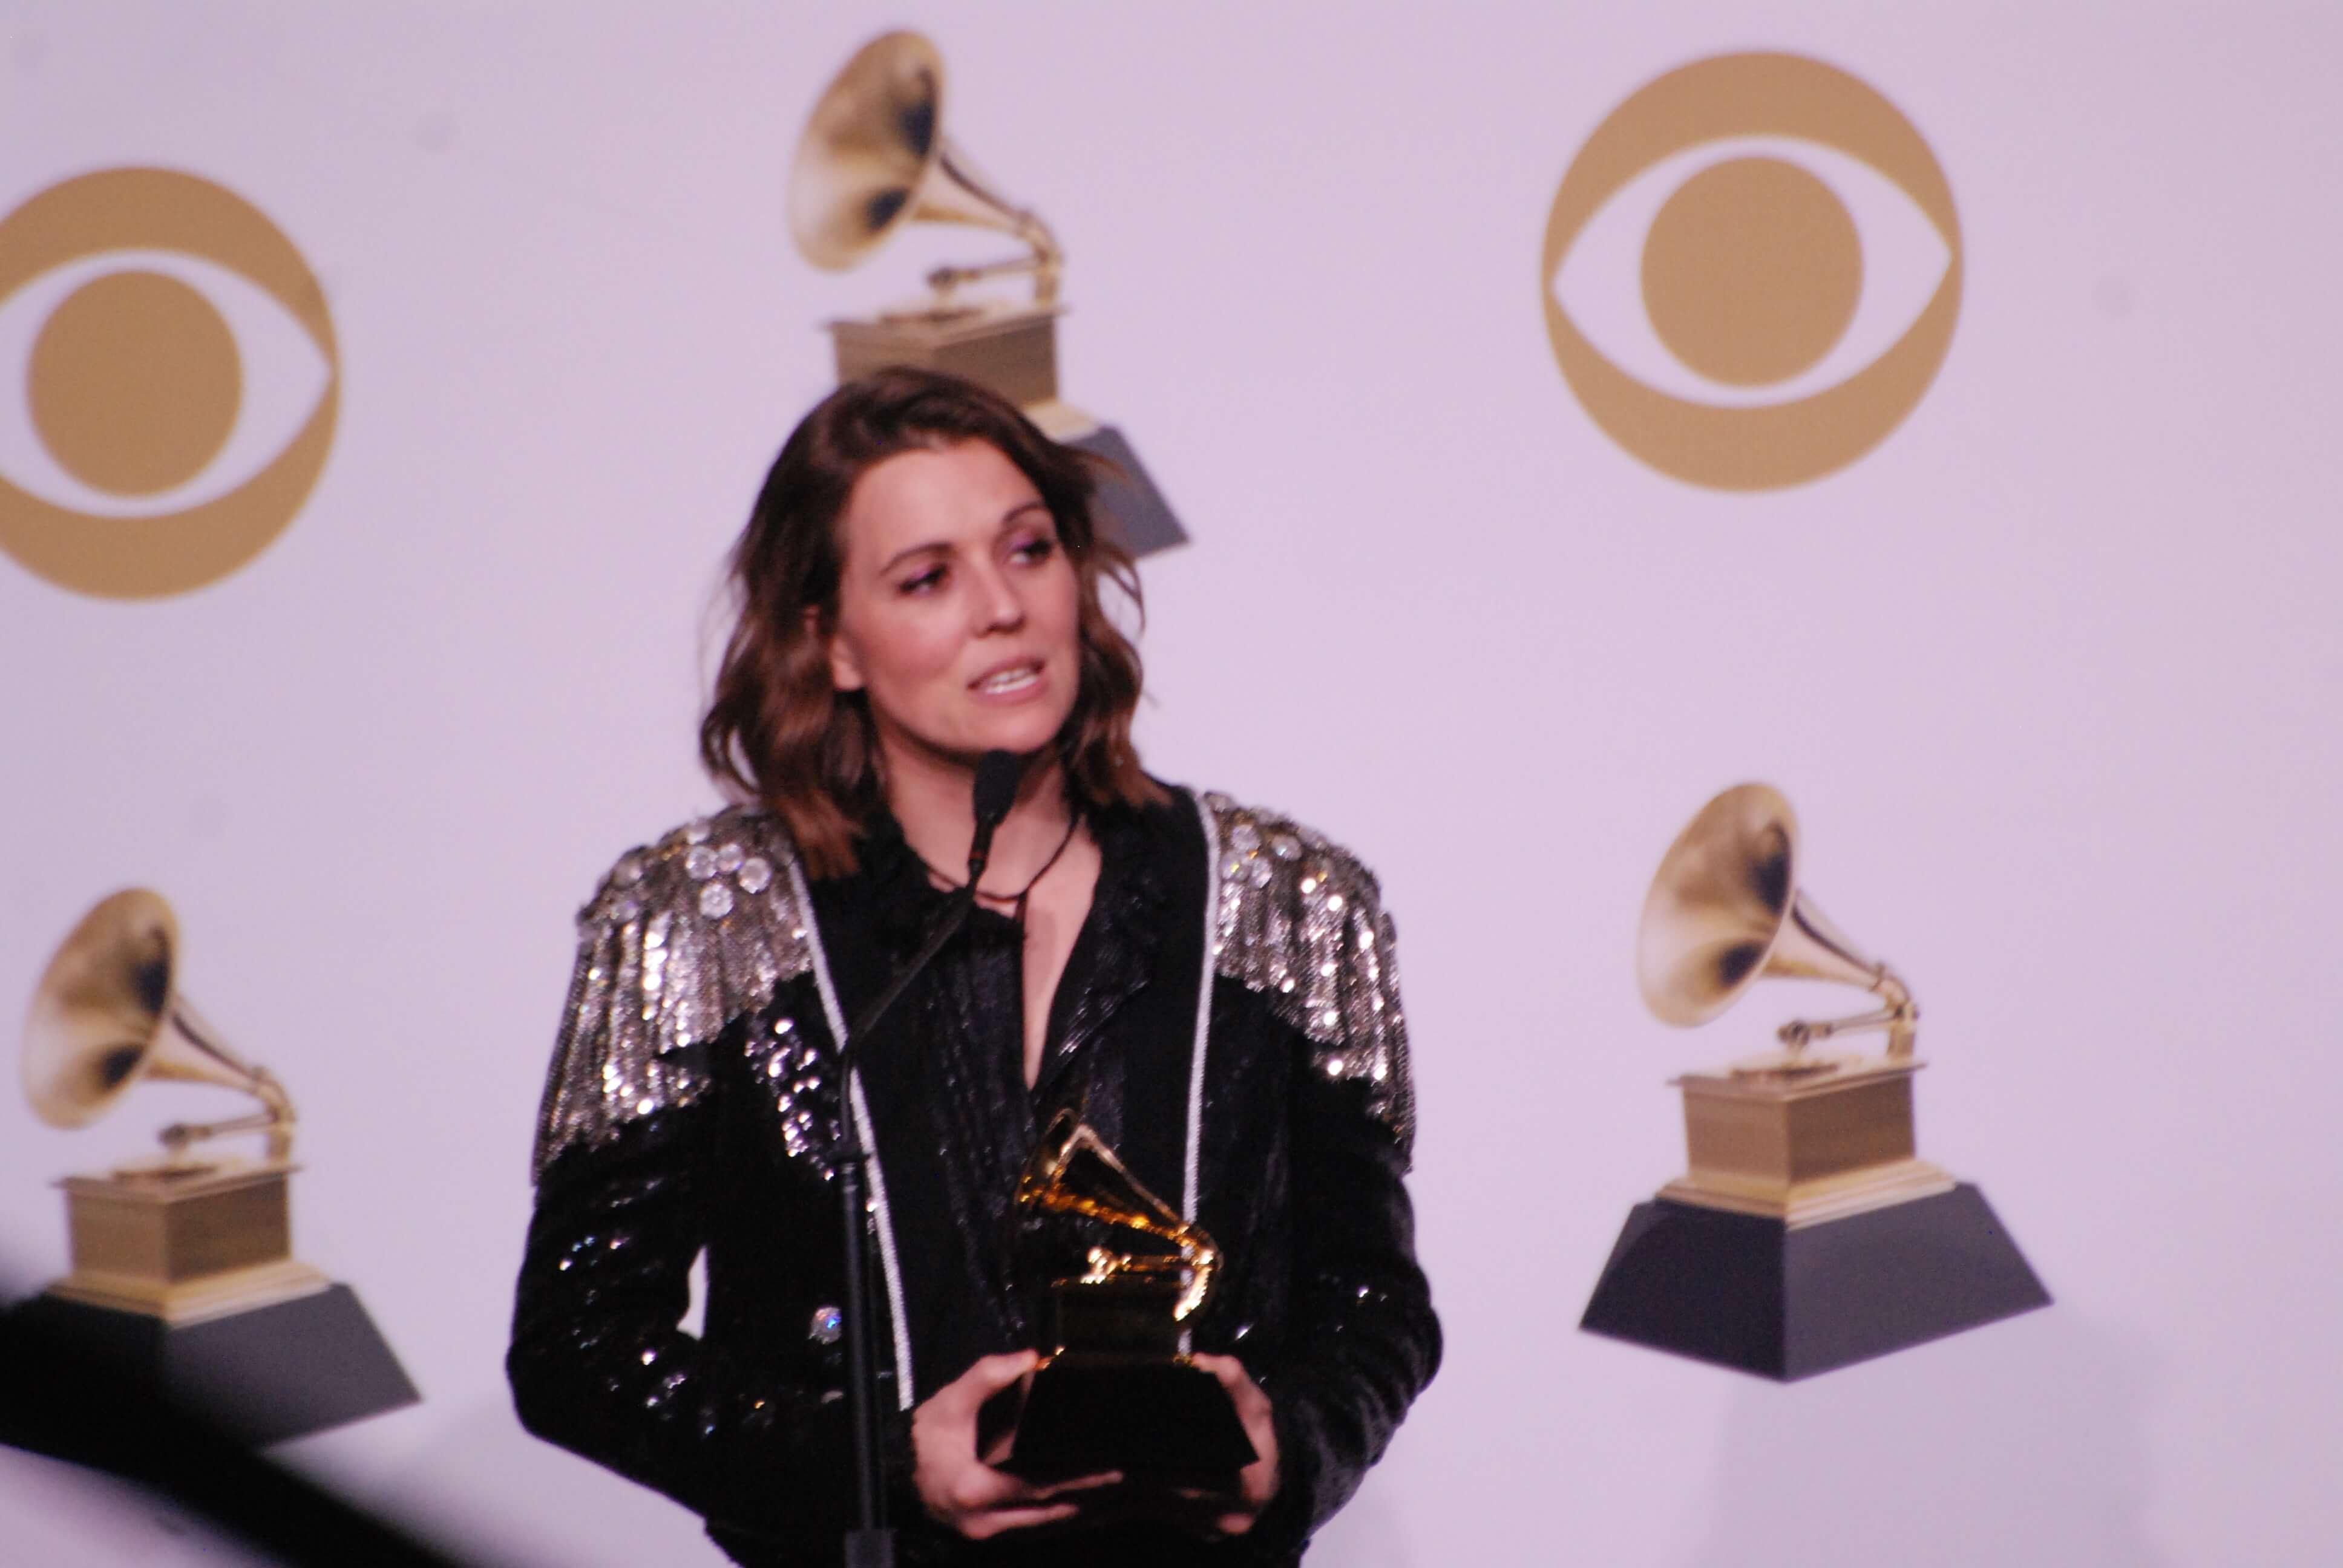 2019 Grammy Show Coverage - Sound & Vision Blog